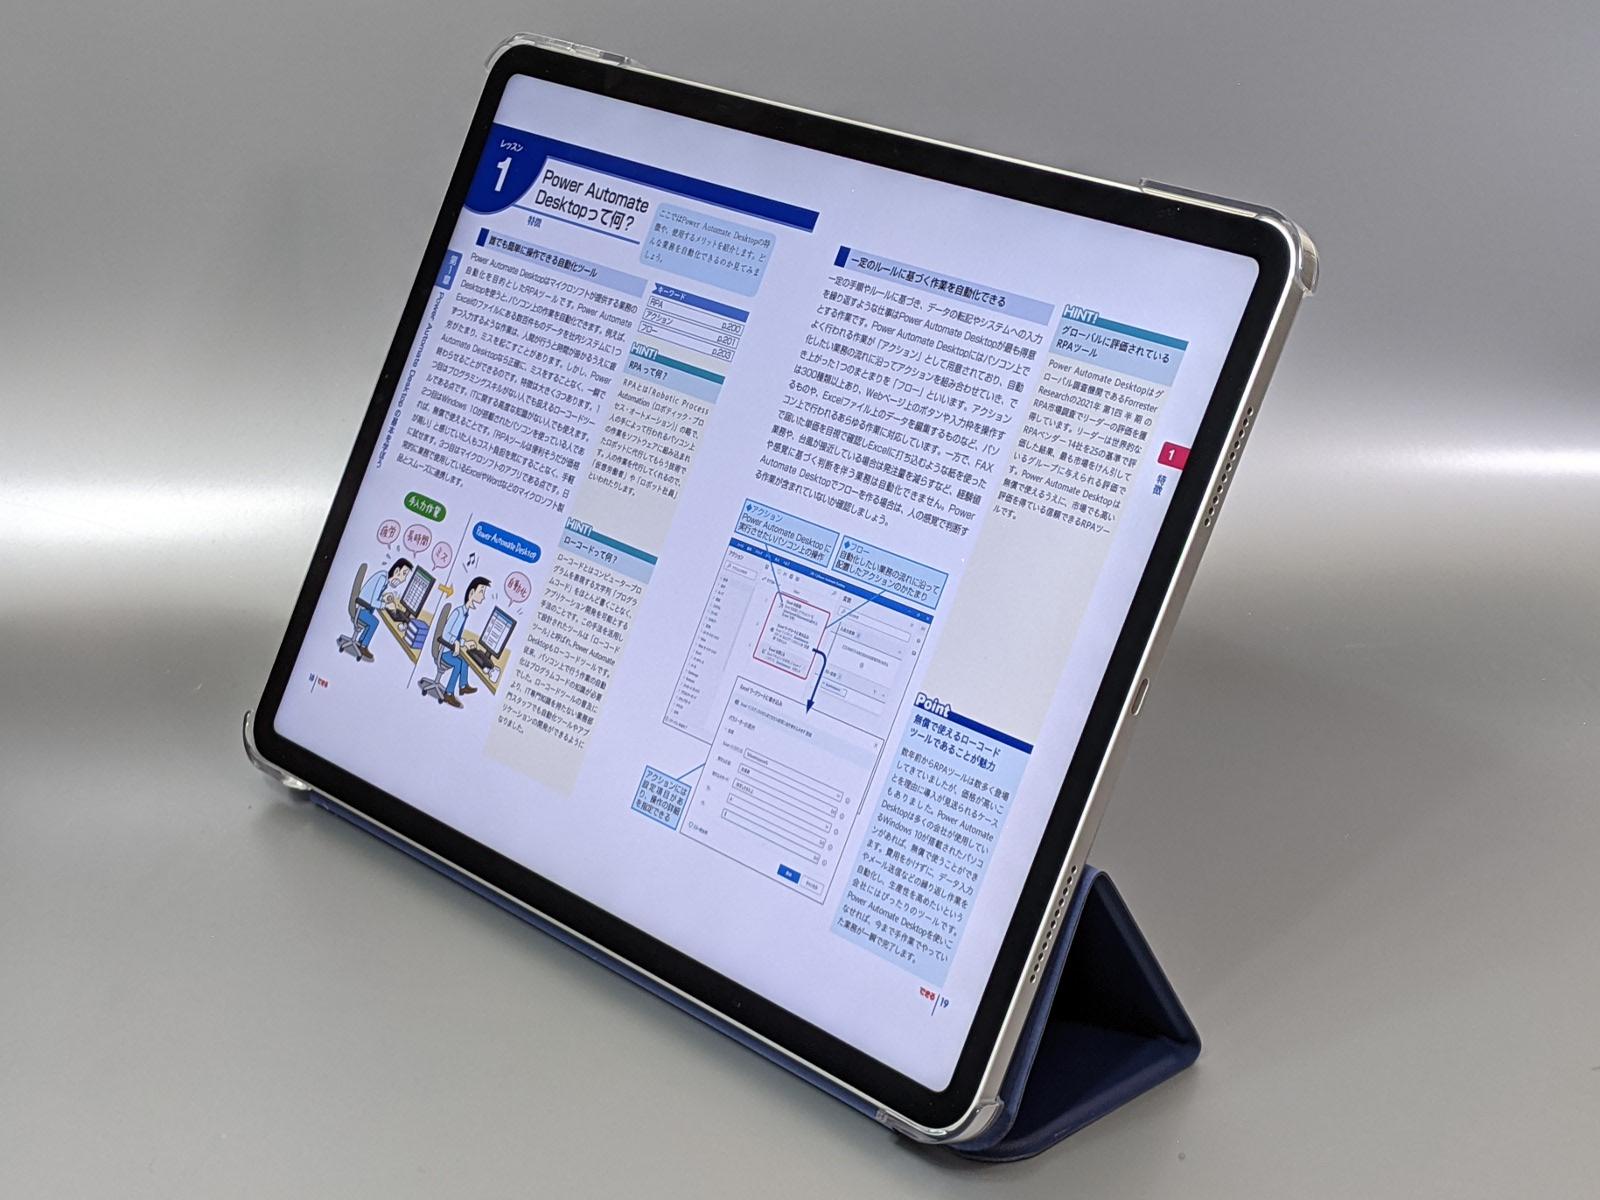 デバイスの保護も兼ねて、スタンド機能のついた保護ケースなどはほしいところ